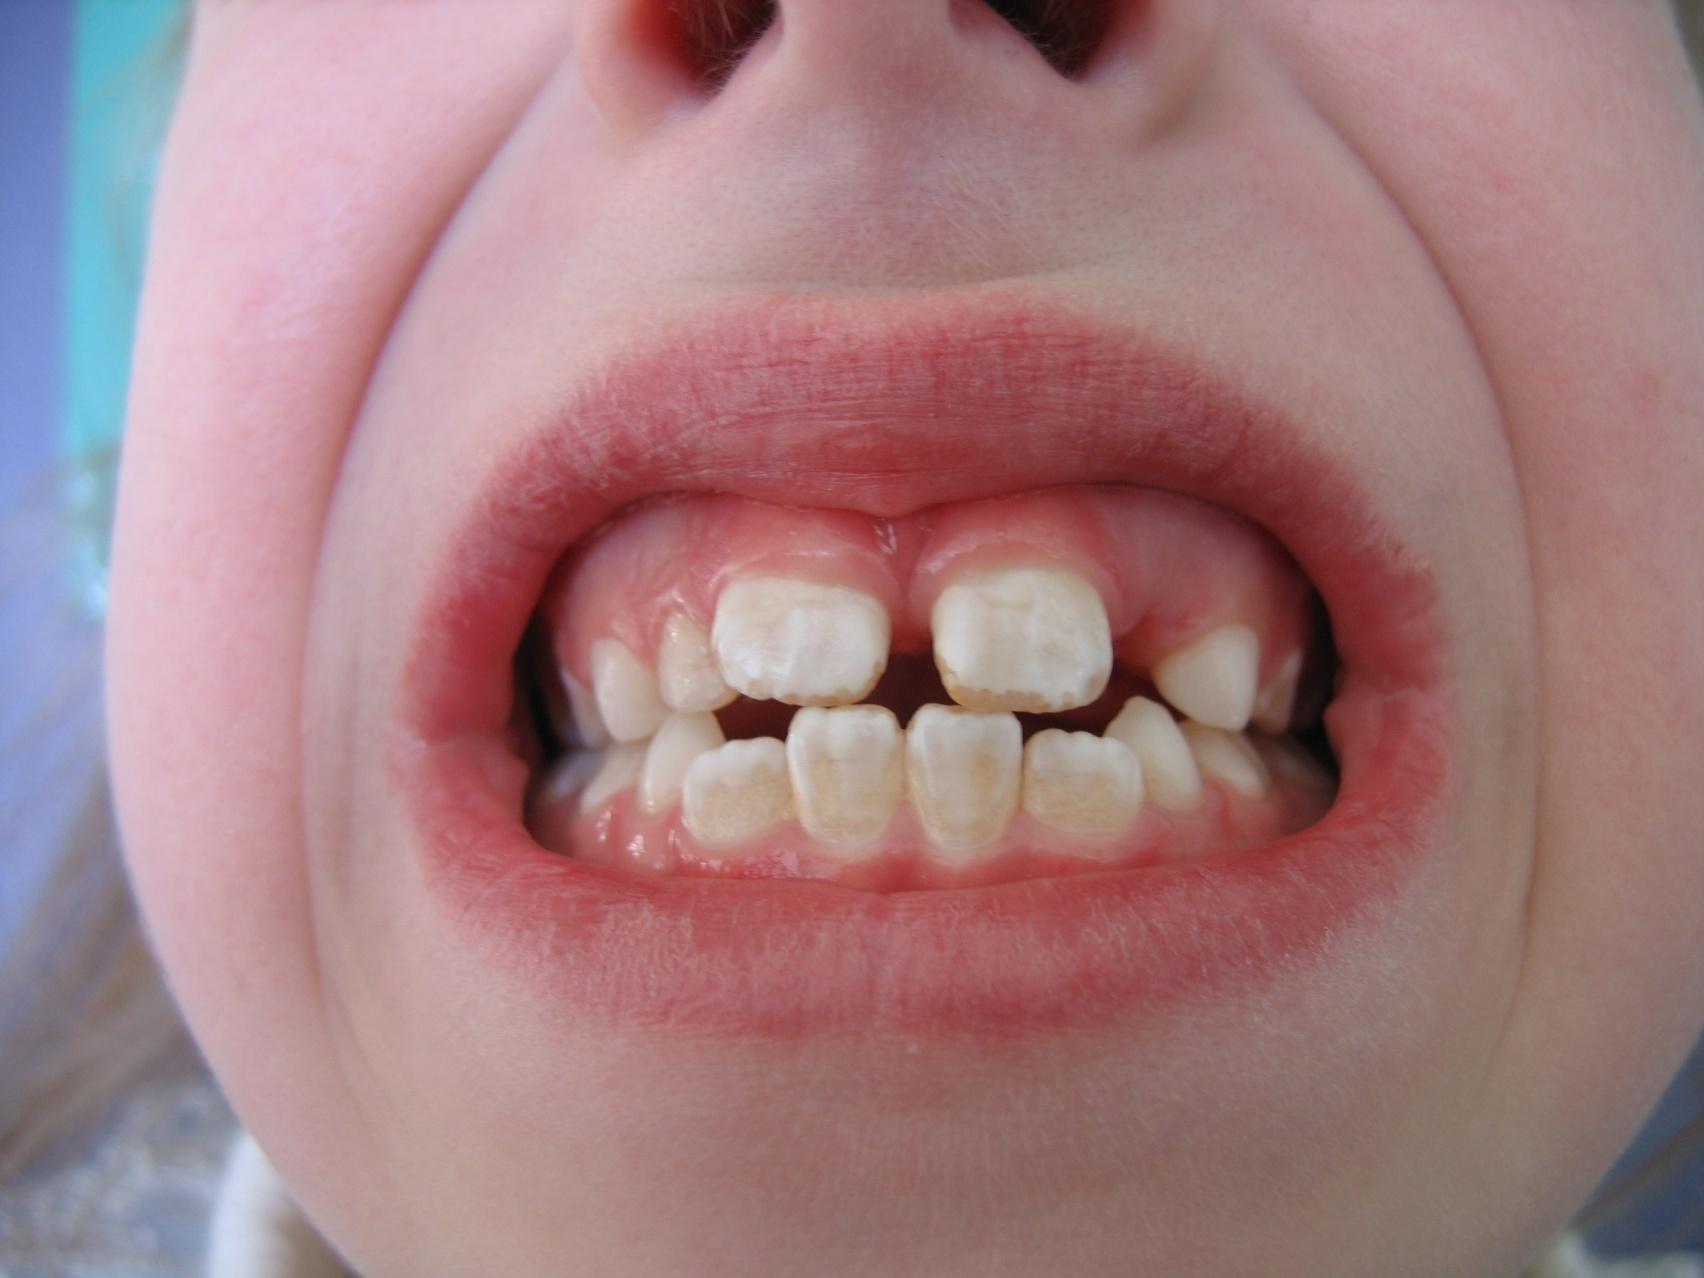 Некариозное поражение зубов – флюороз